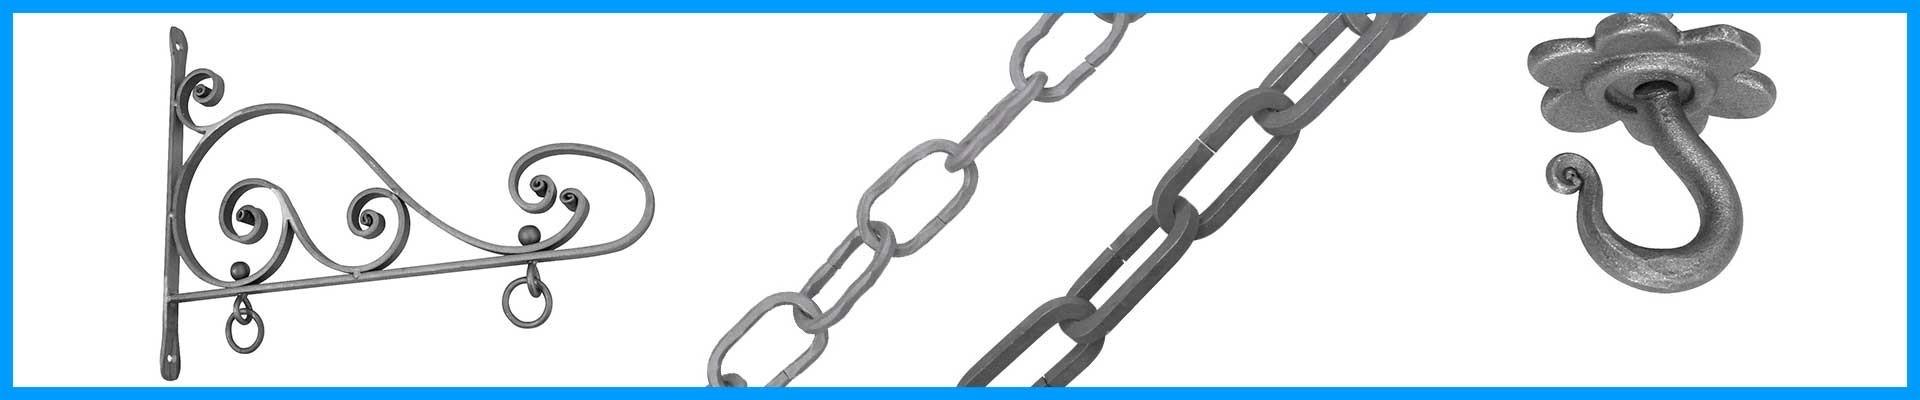 Soportes, banderolas, ganchos y cadenas Ref. 07433 a Ref. 07479